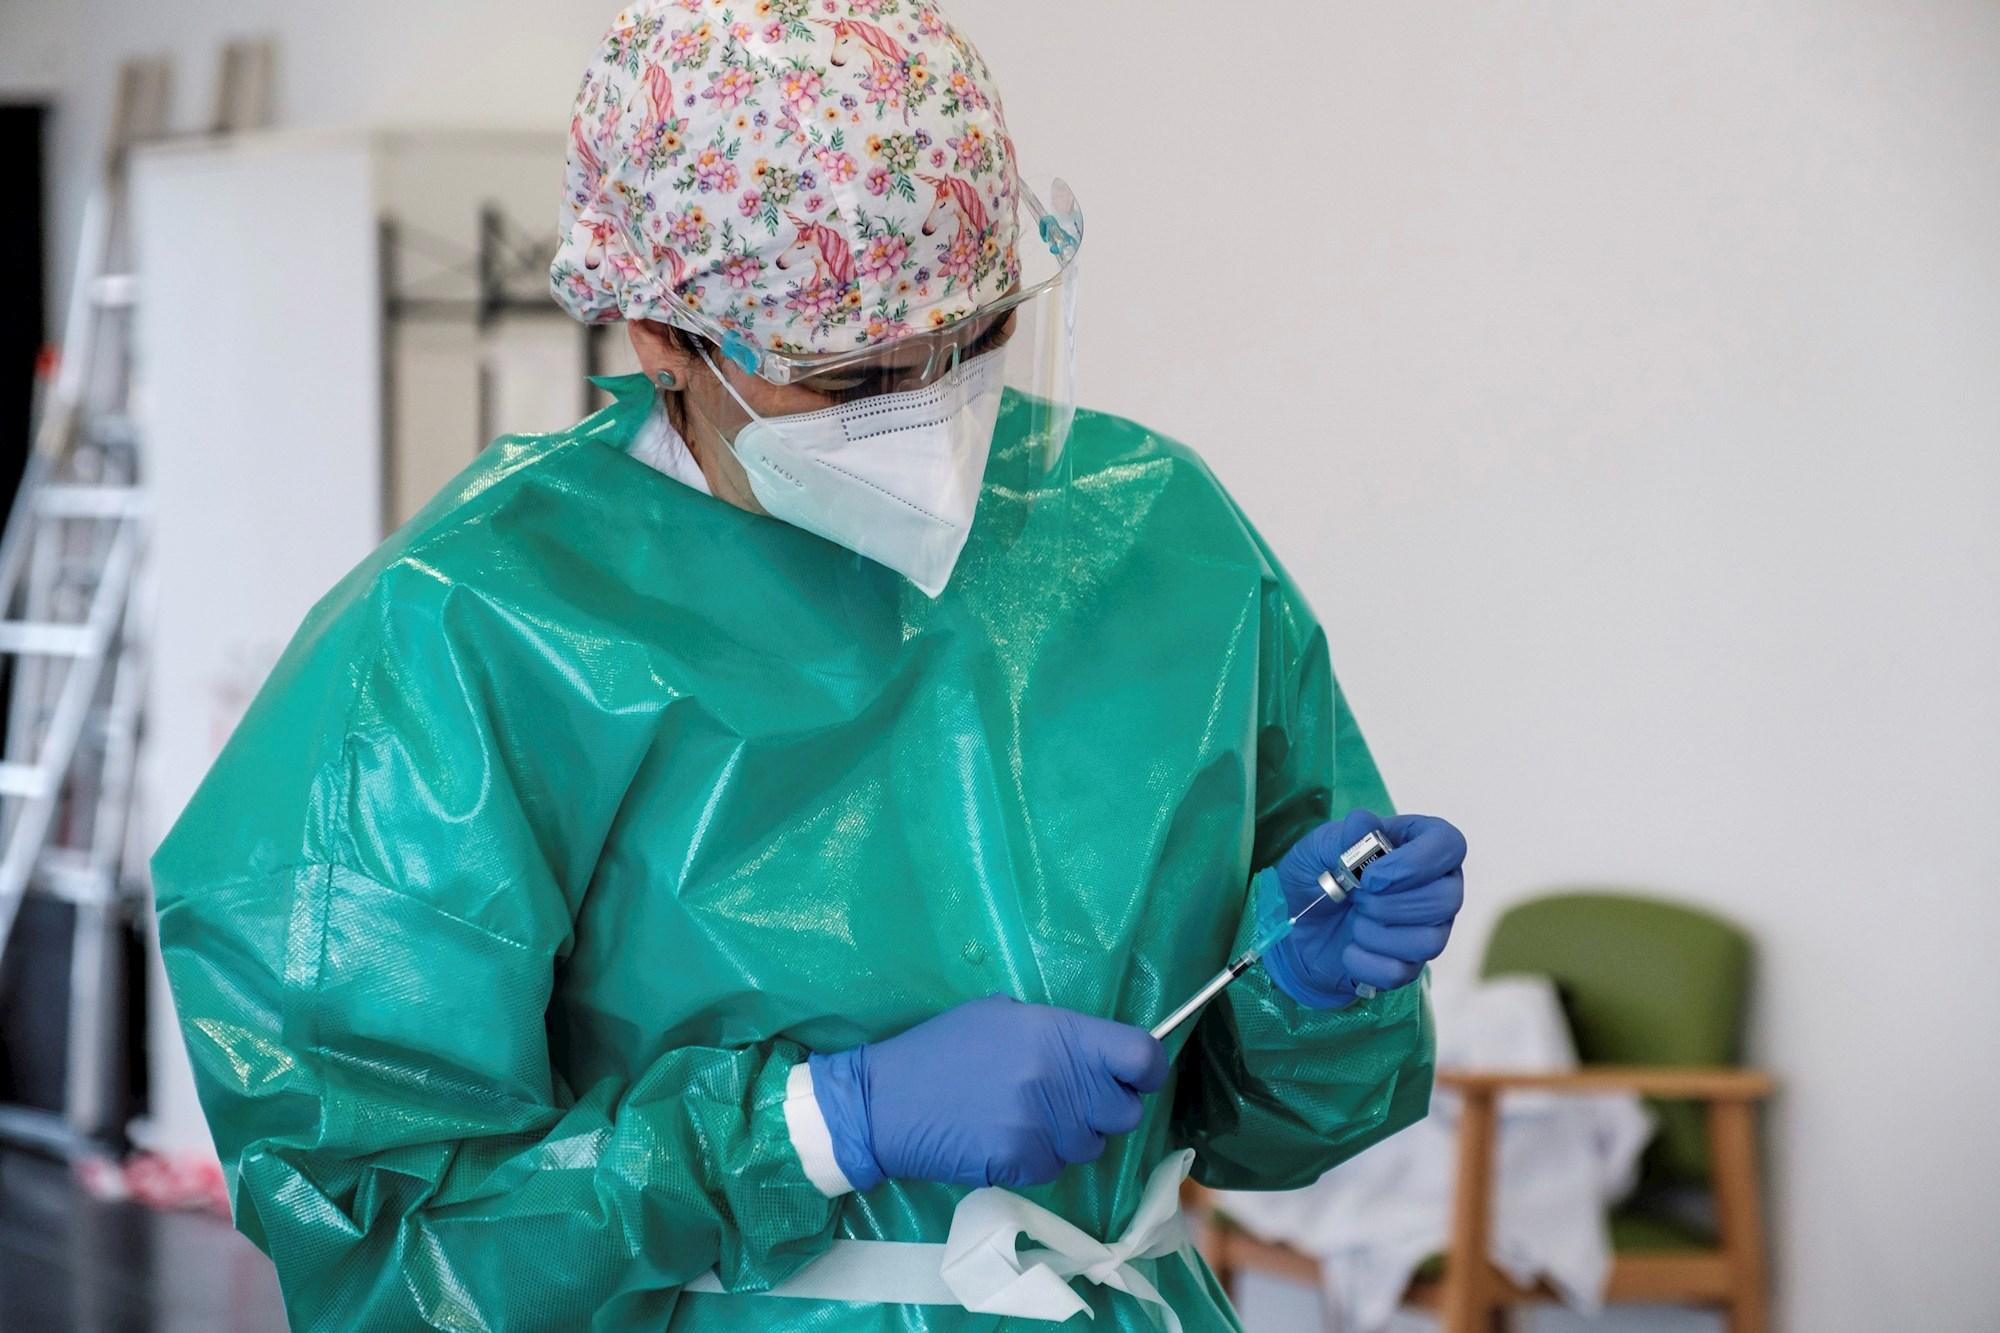 Una trabajadora prepara una vacuna. EFE/ Sergio G. Cañizares